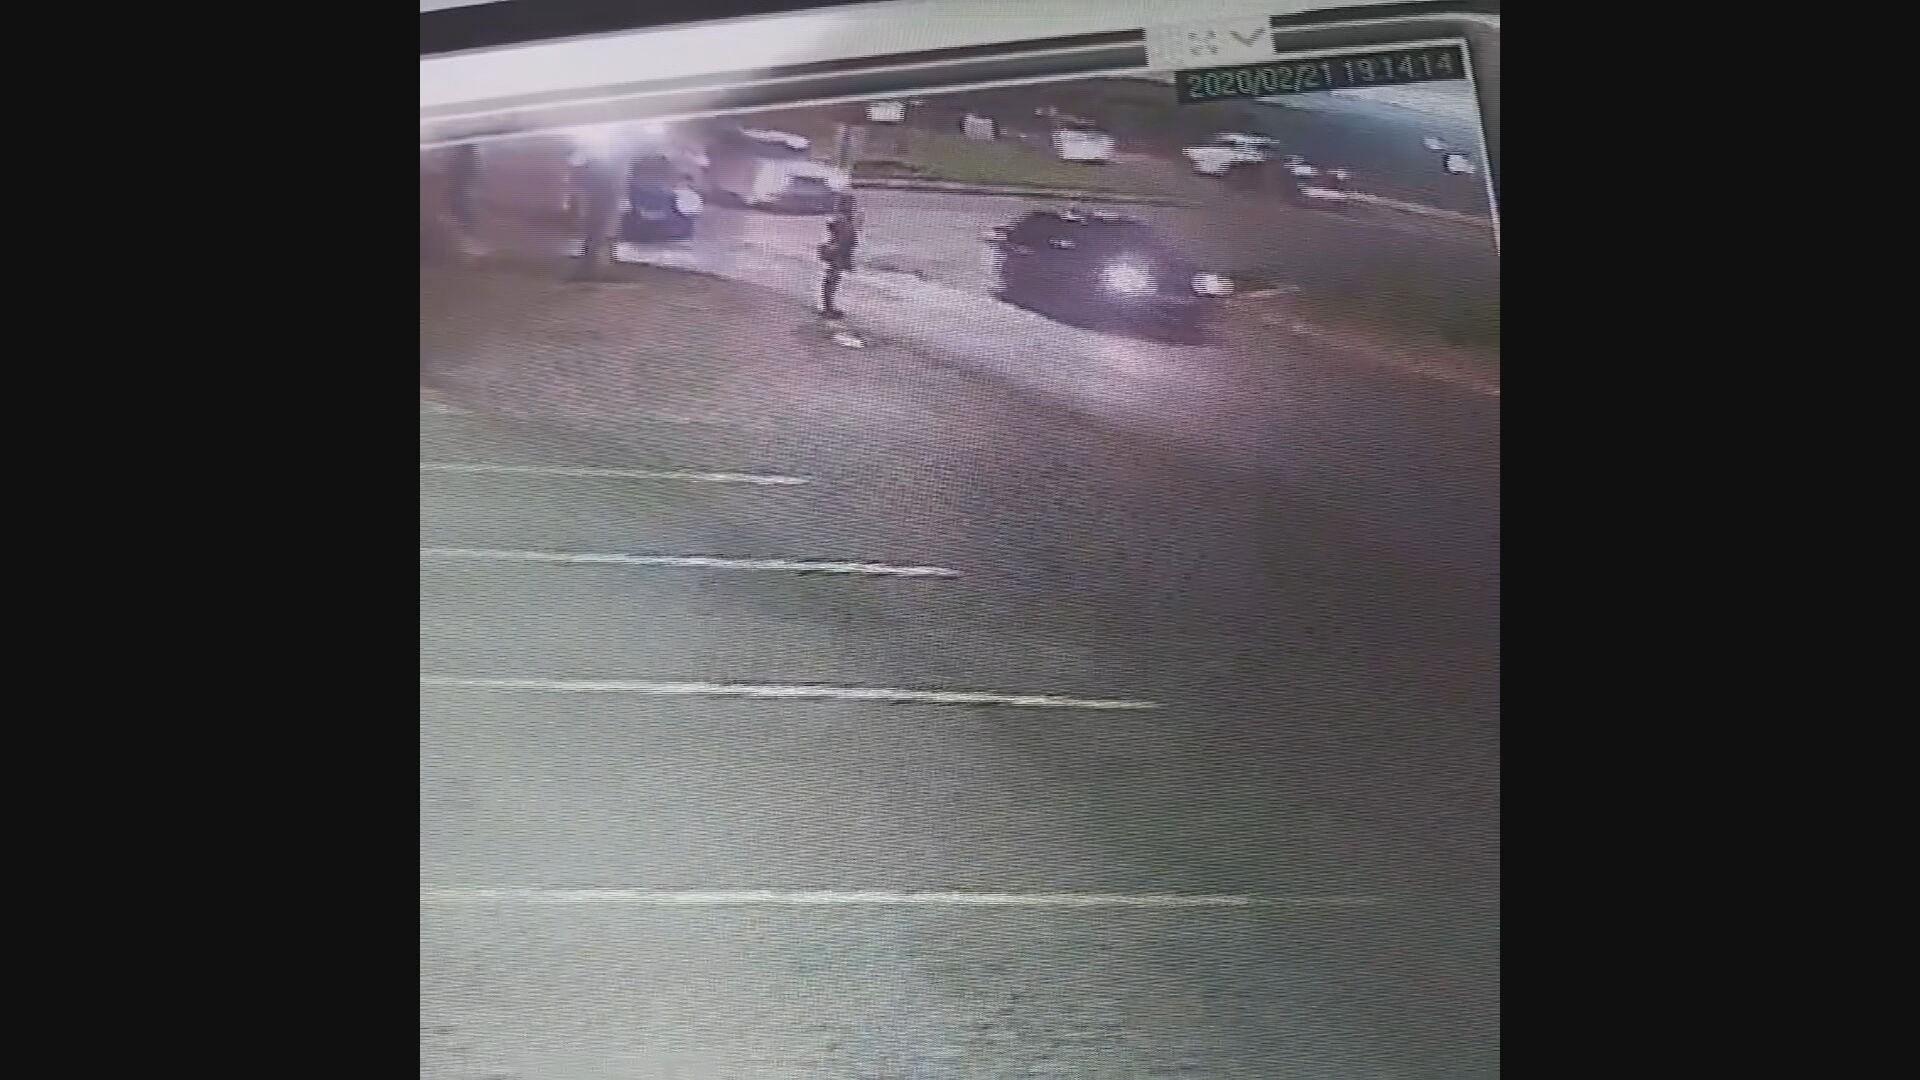 VÍDEO: motorista invade calçada, atropela mulher e foge sem prestar socorro, no DF